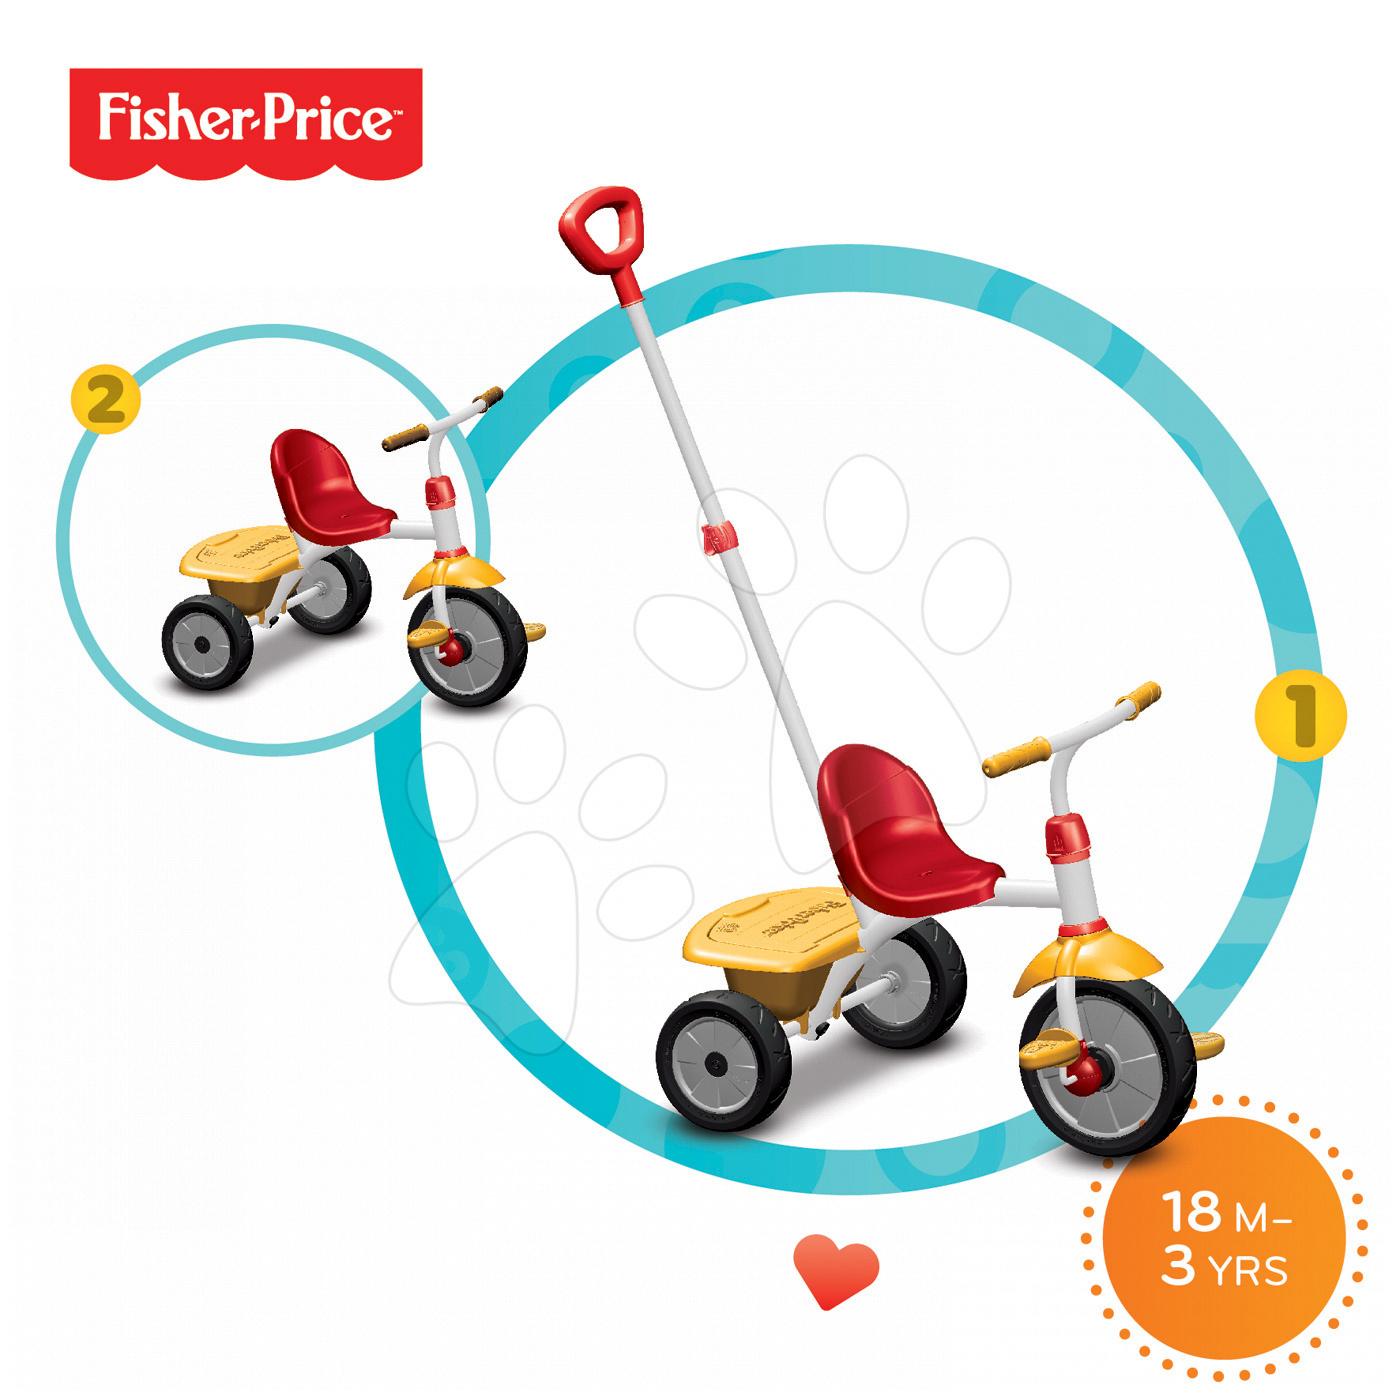 Tříkolka Fisher-Price Glee smarTrike červeno-žlutá od 18 měsíců